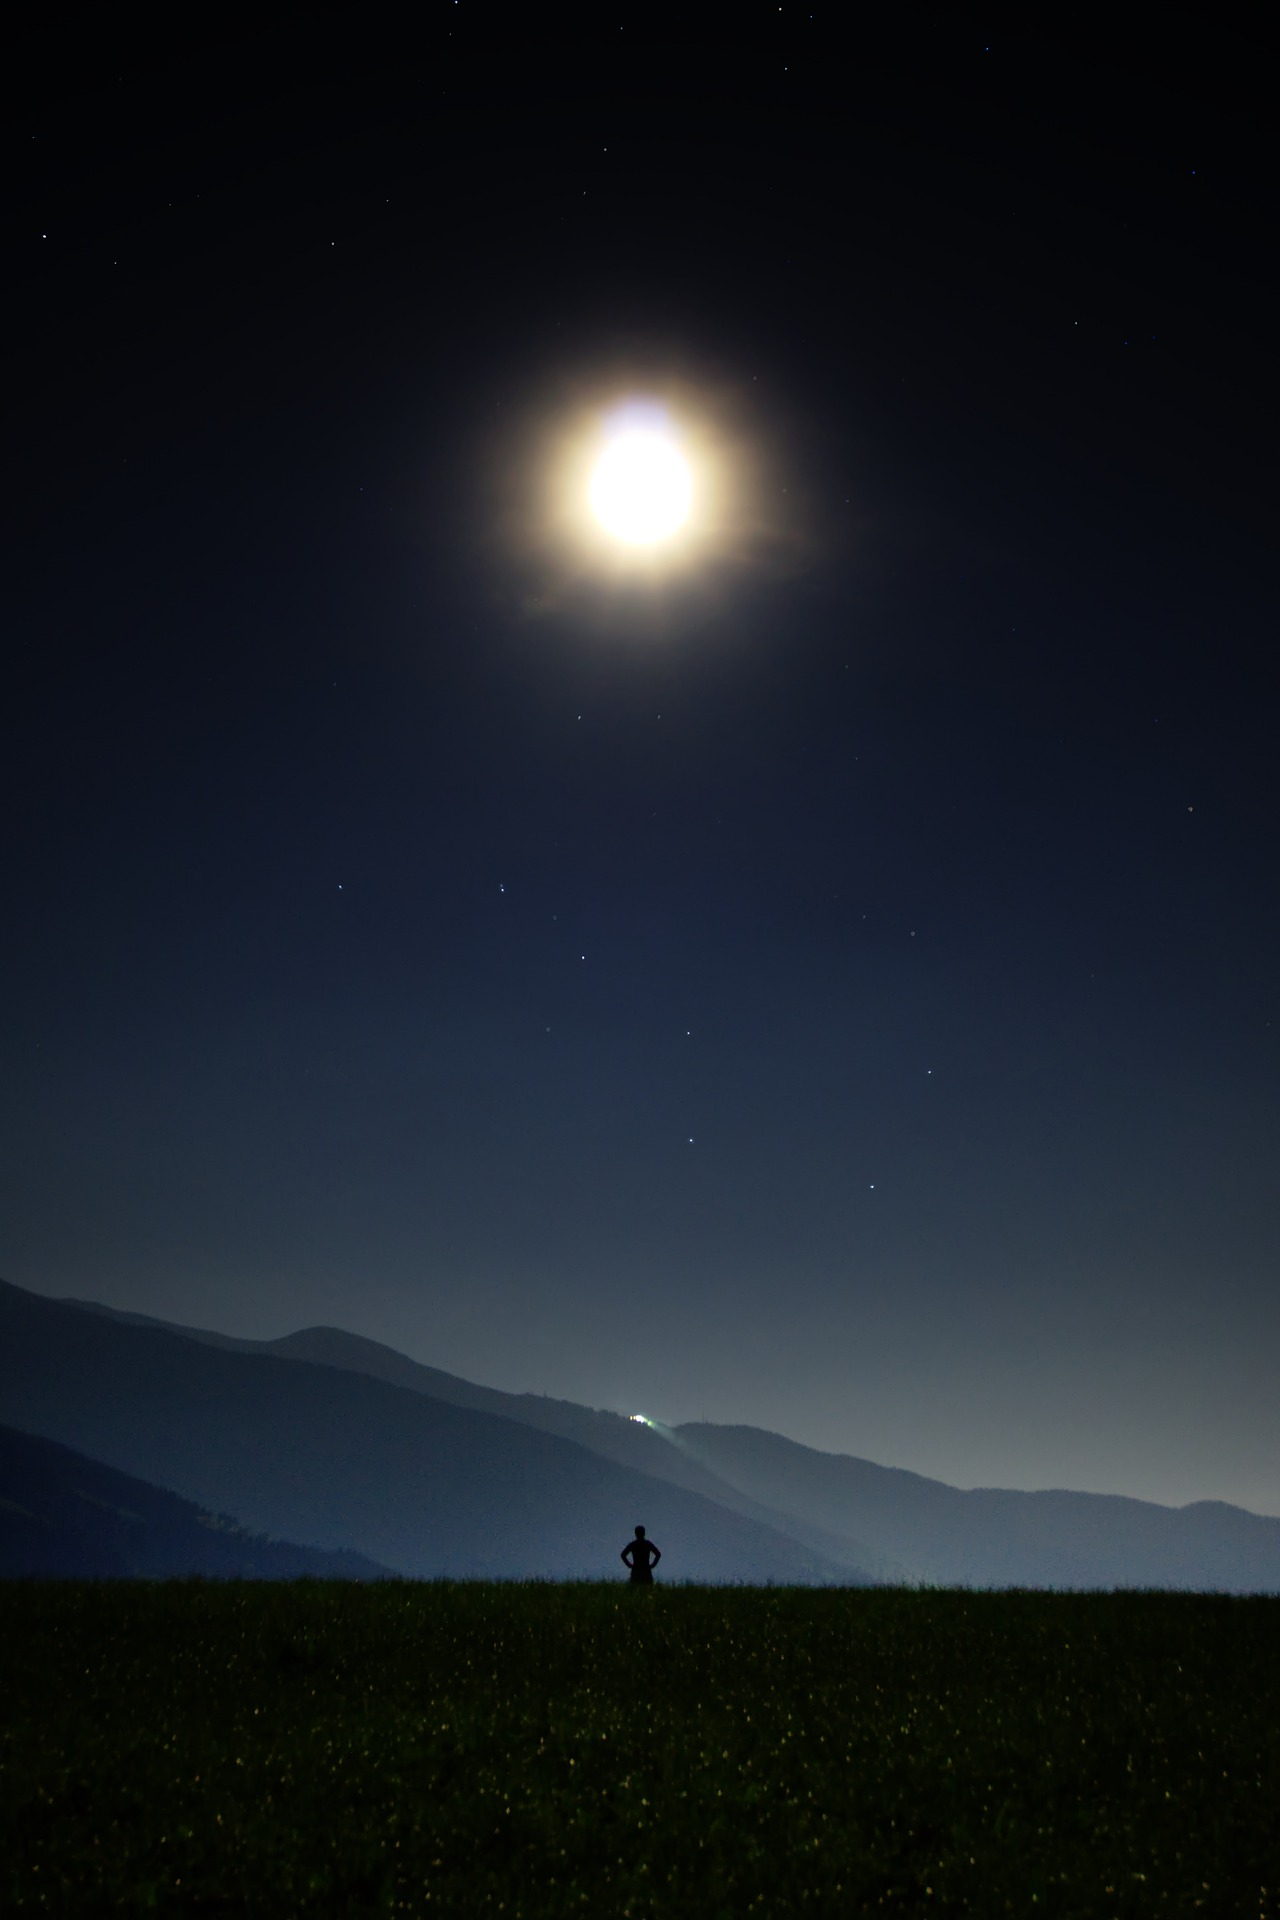 à noite, Lua, Estrela, Céu, escuridão - Papéis de parede HD - Professor-falken.com